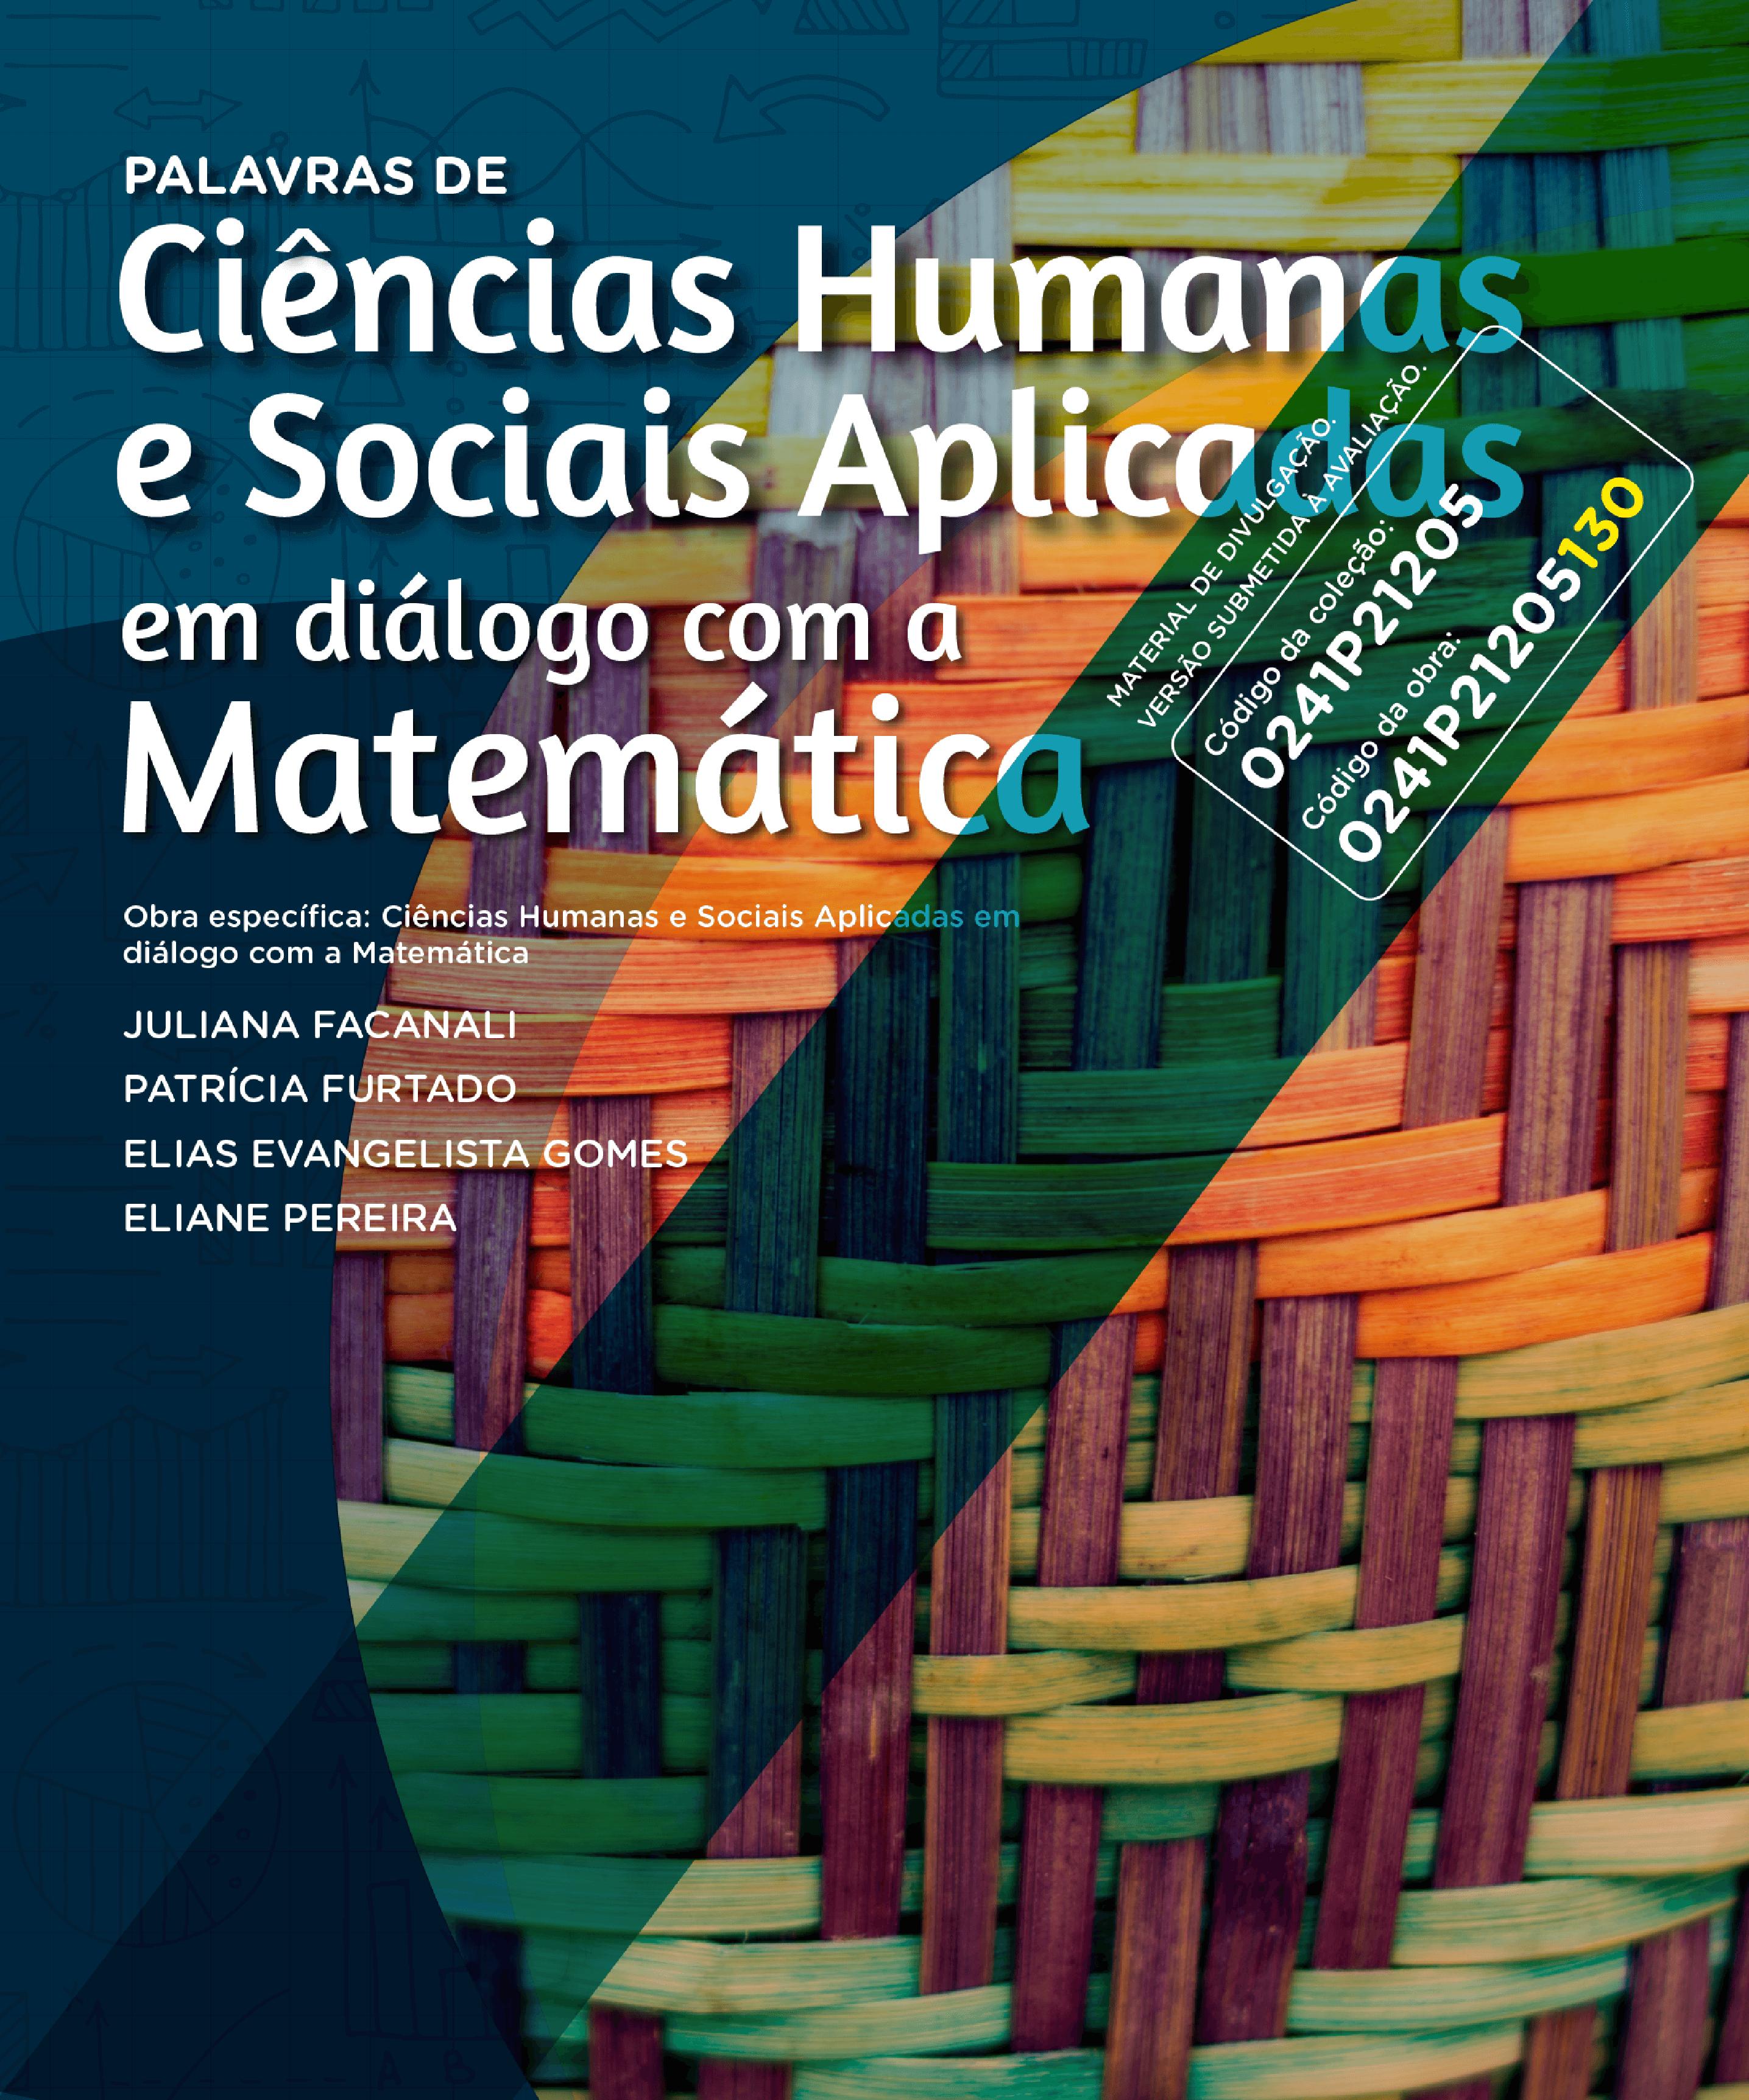 Palavras de Ciências Humanas e Sociais Aplicadas em diálogo com a Matemática